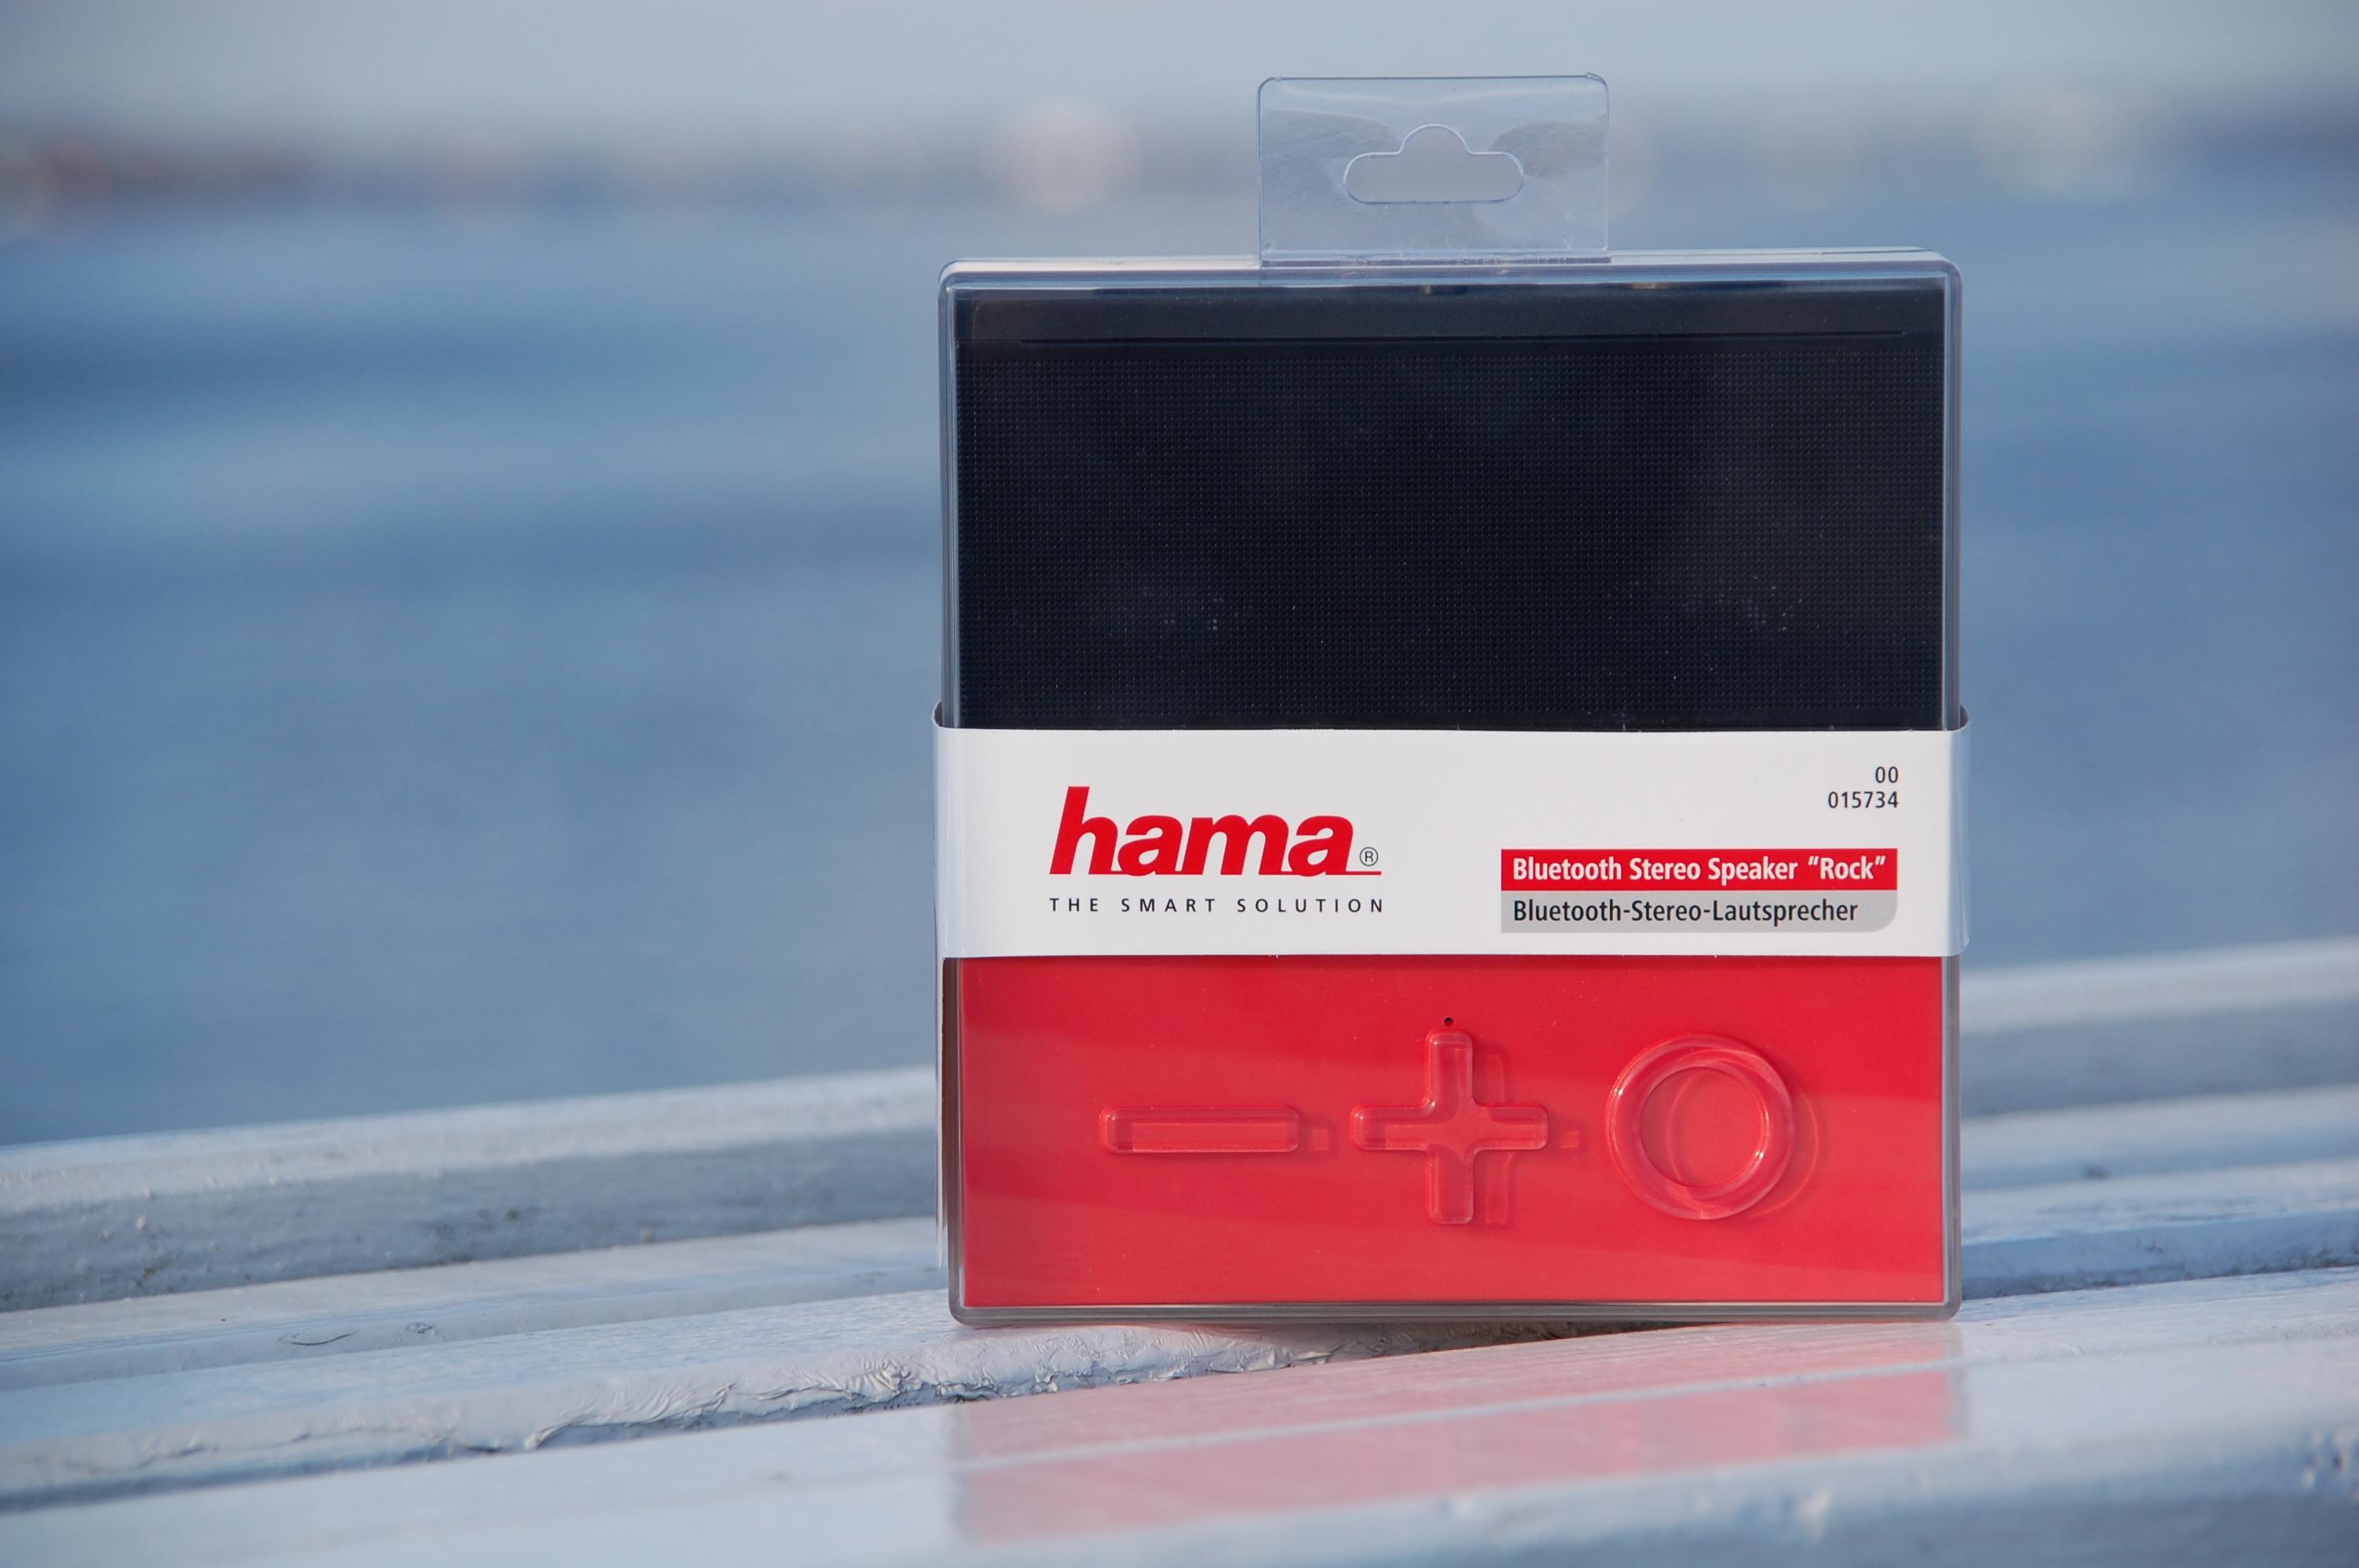 Hama_Rock_01_DSC_0064